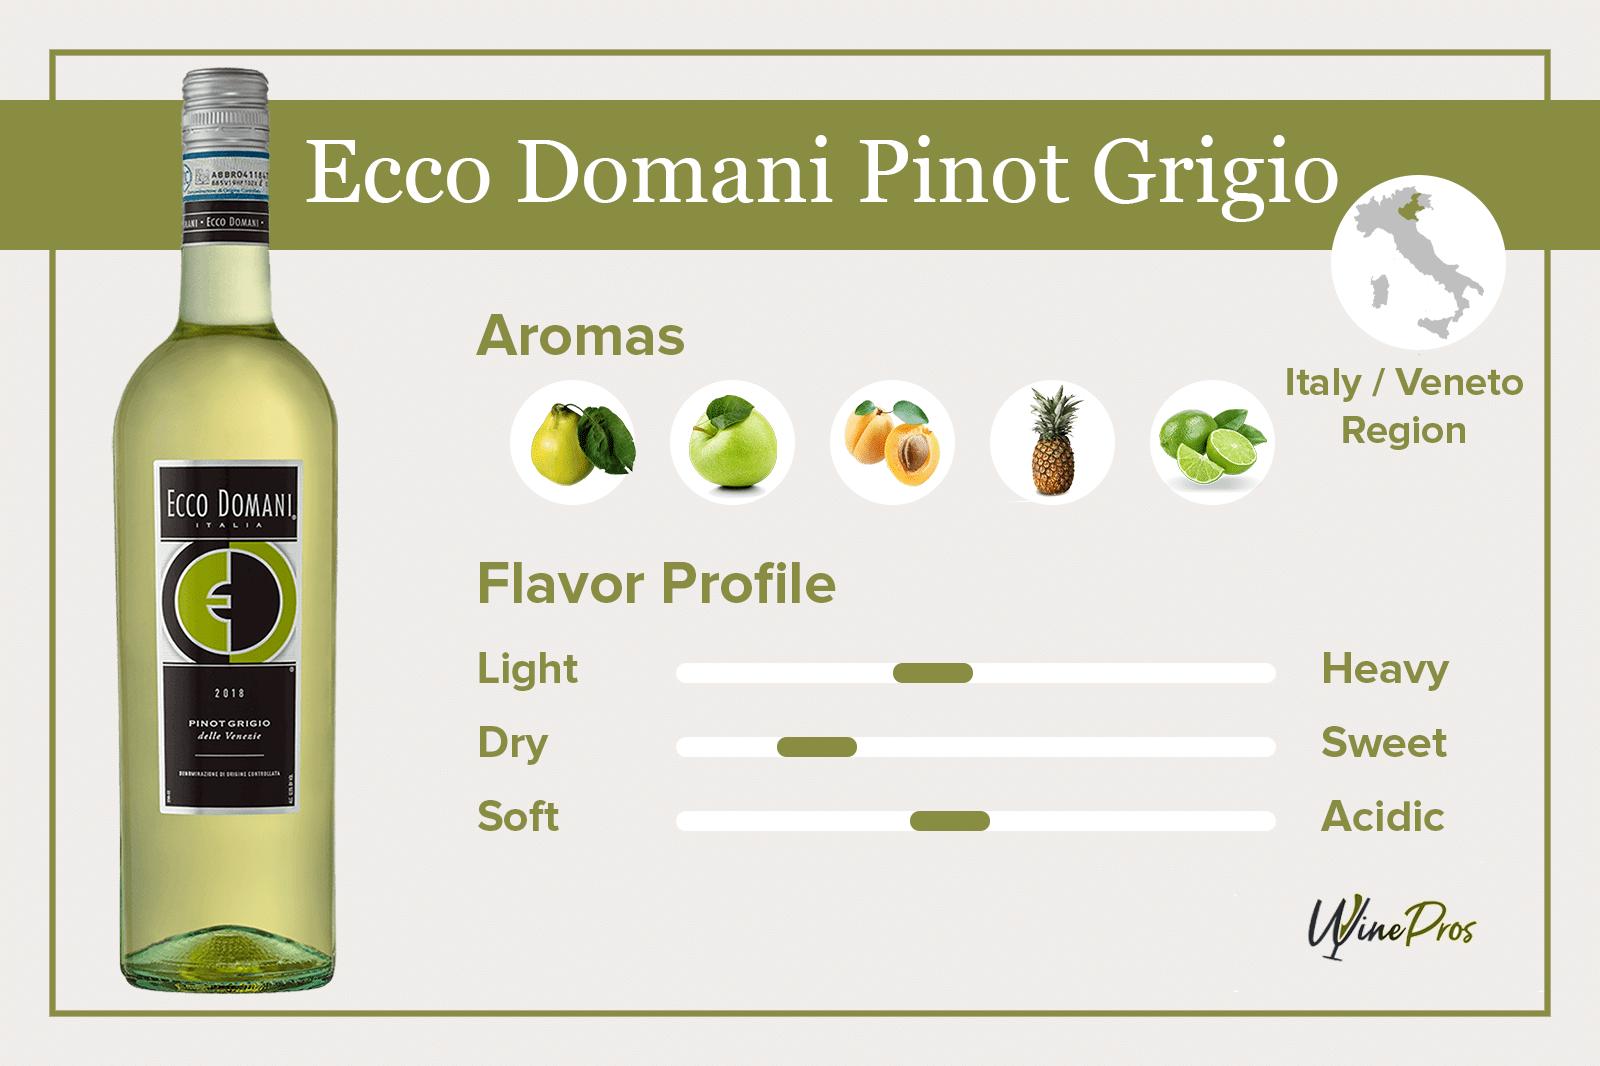 Ecco Domani Pinot Grigio Review (2021)